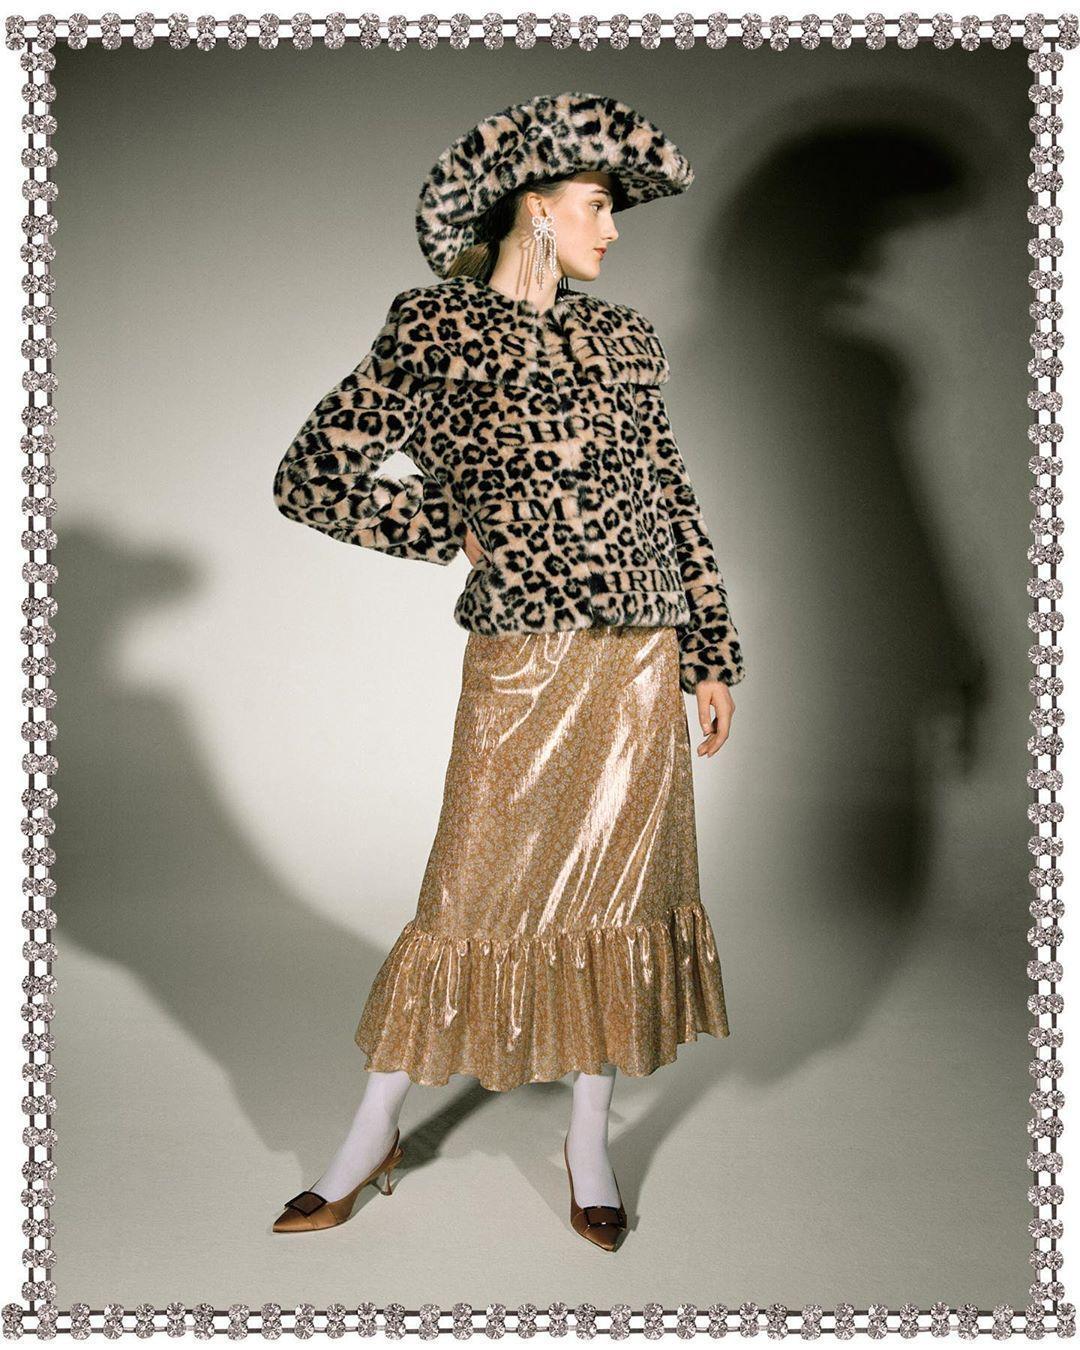 hat jewels dress